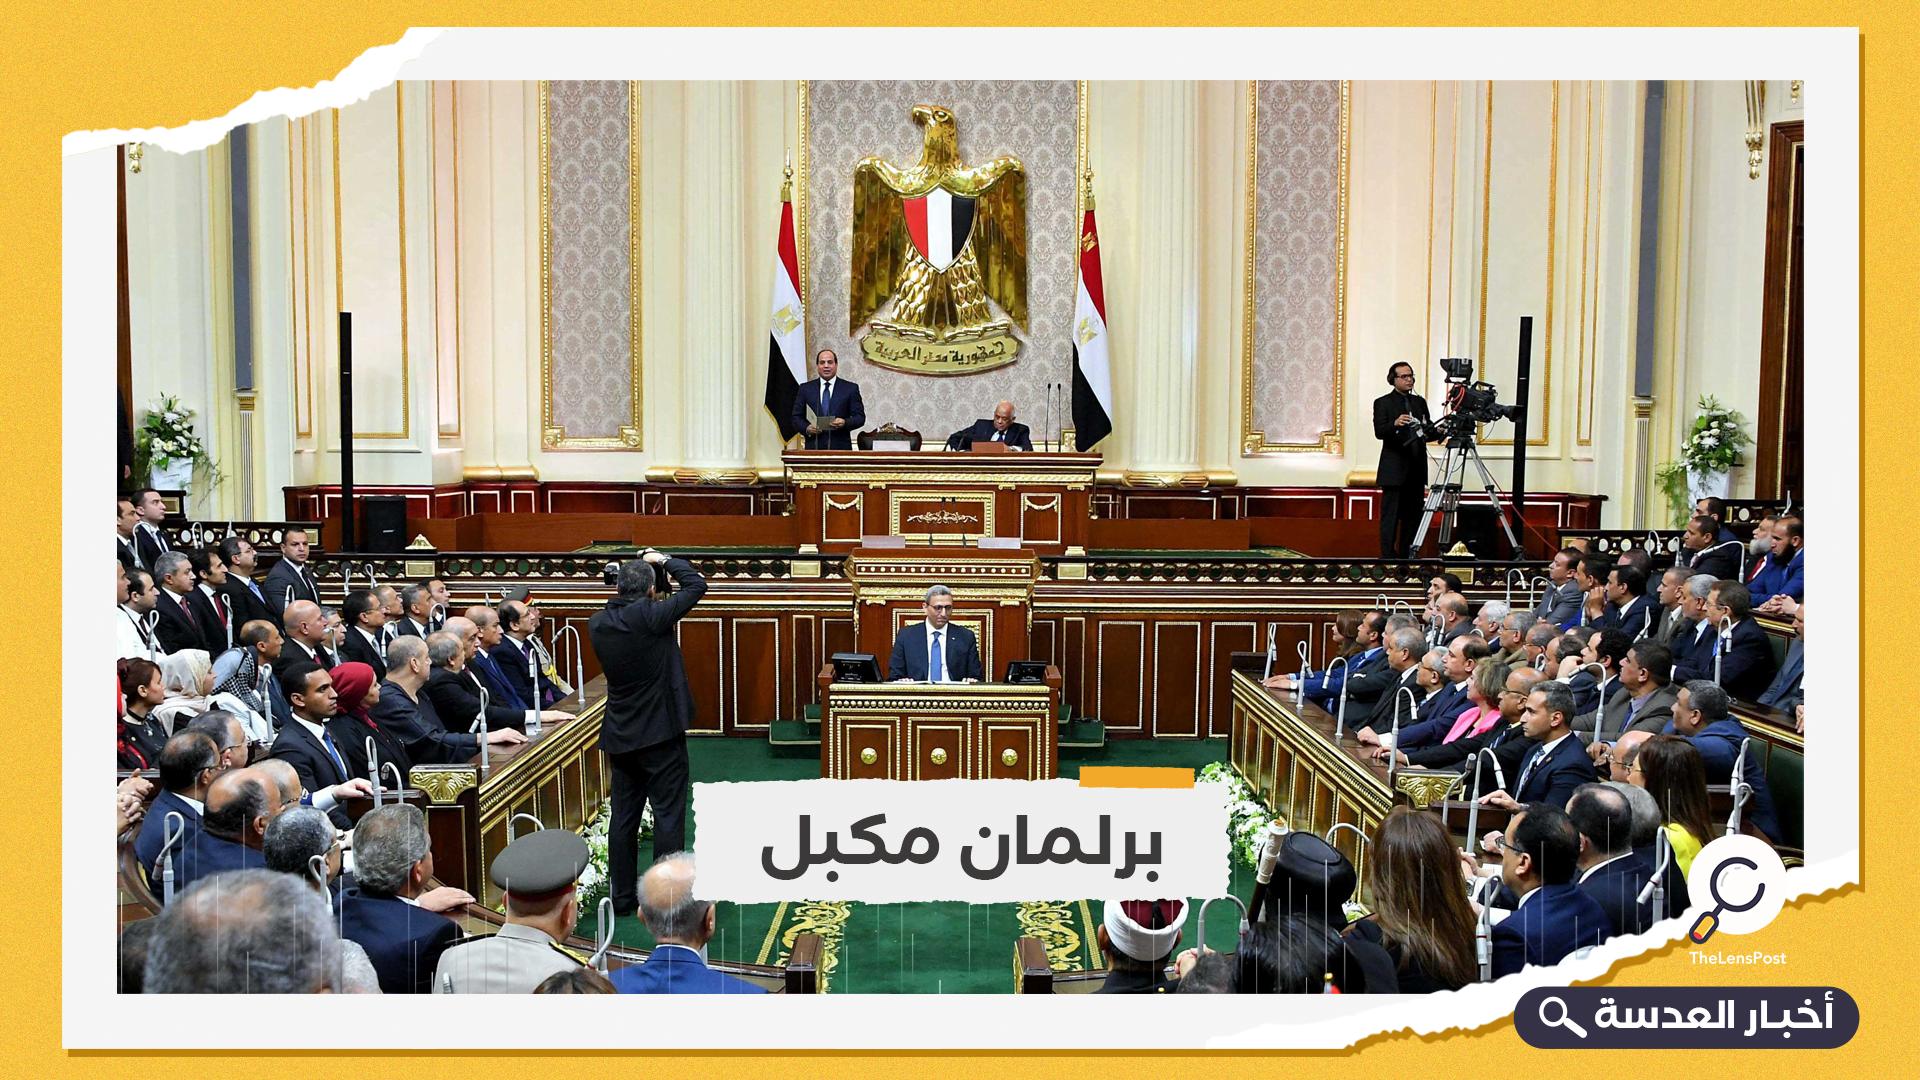 لا يثق في نوابه… أعضاء البرلمان ممنوعون من السفر إلا بأمر النظام